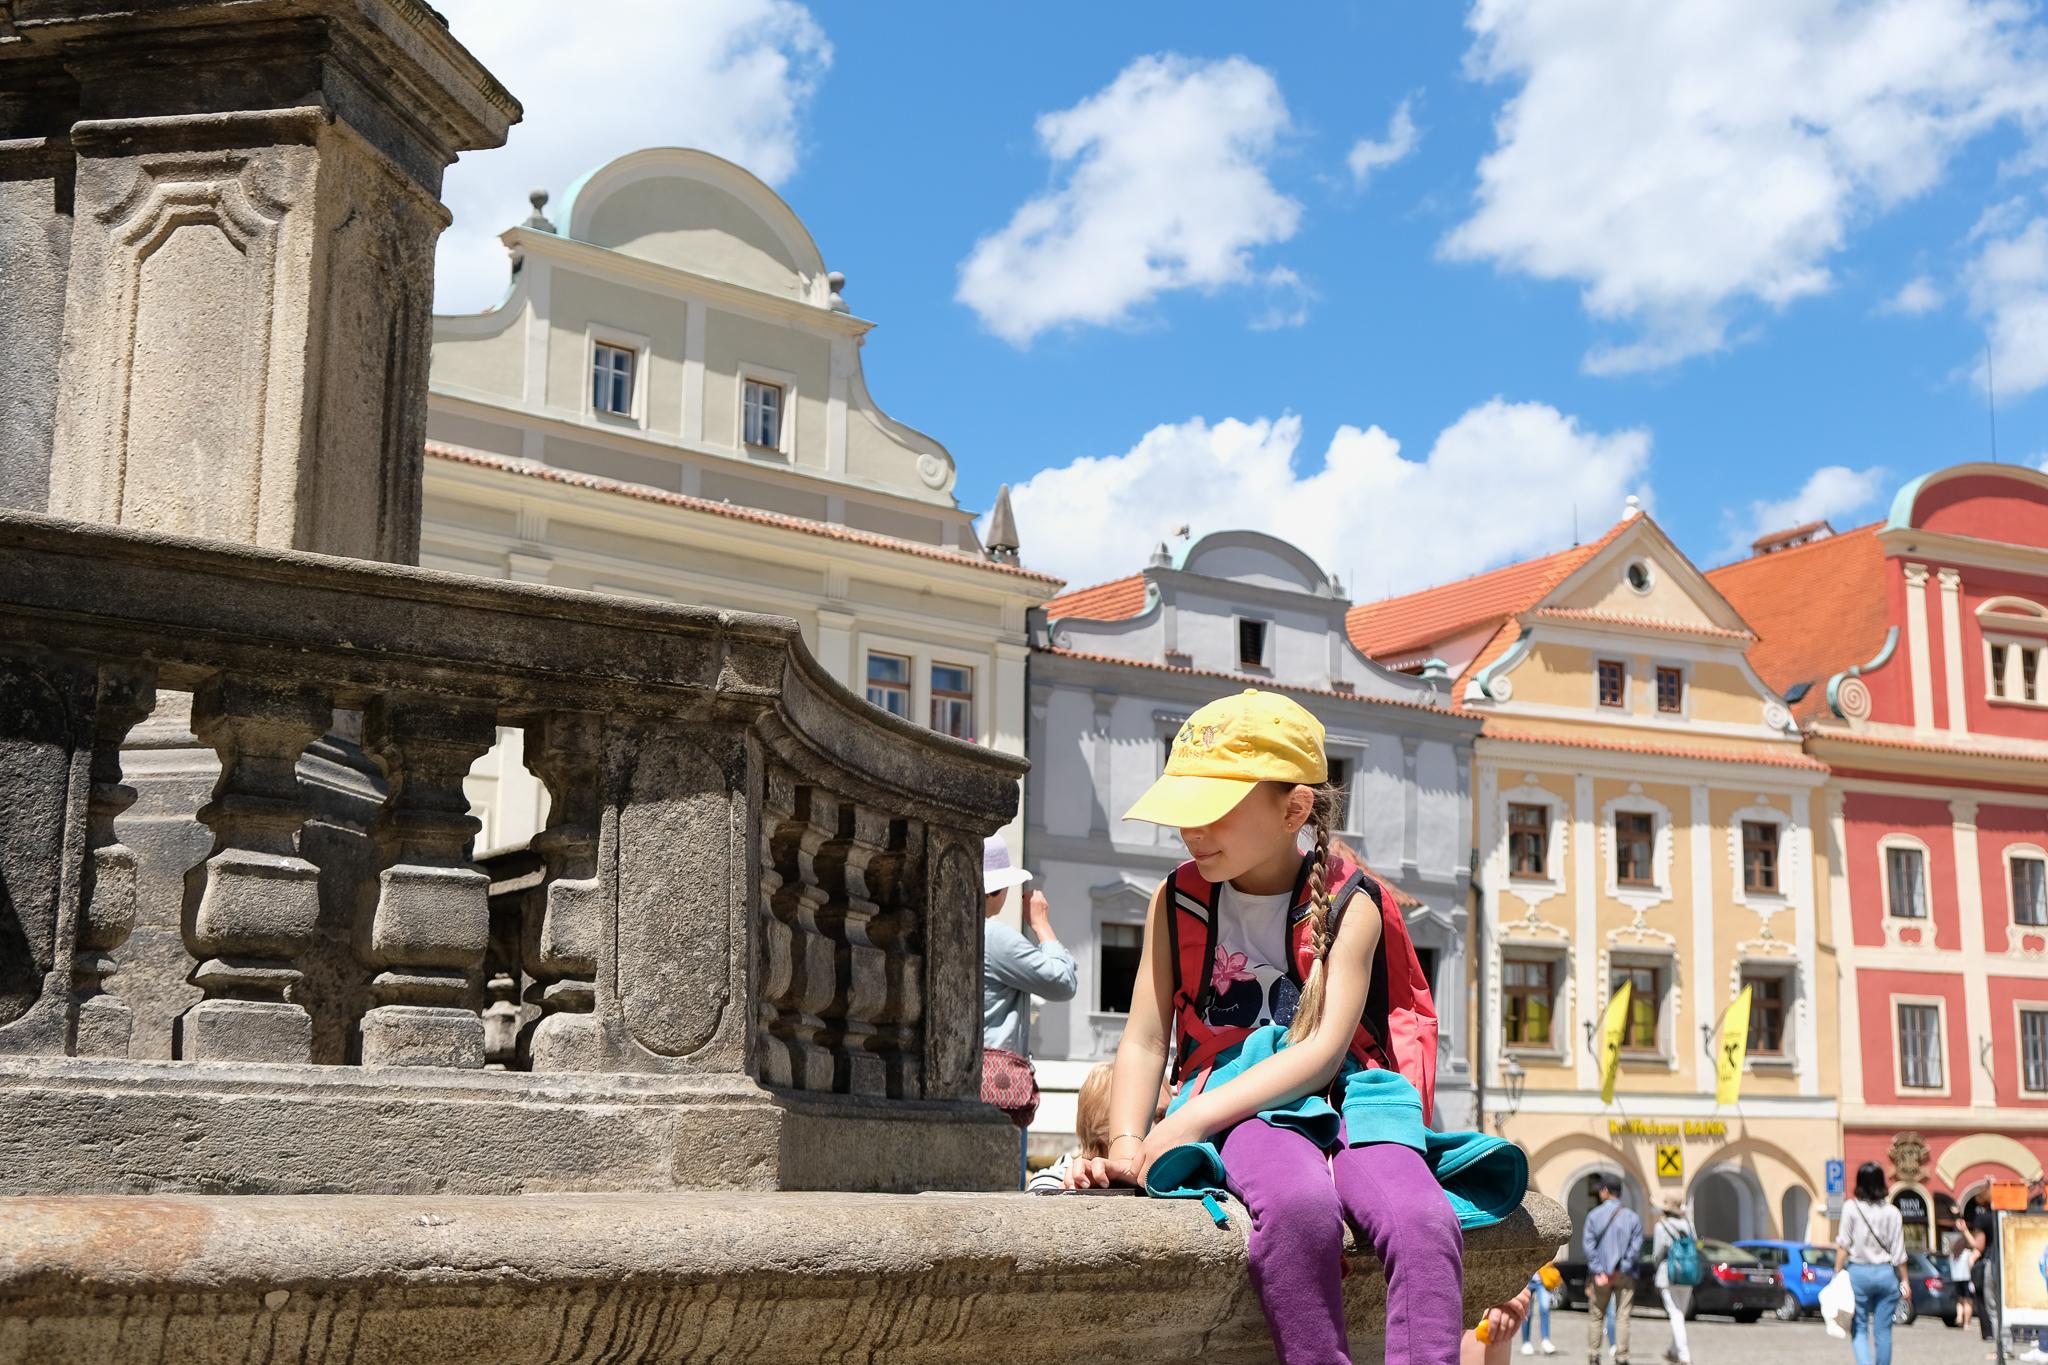 Svornosti Square in Cesky Krumlov